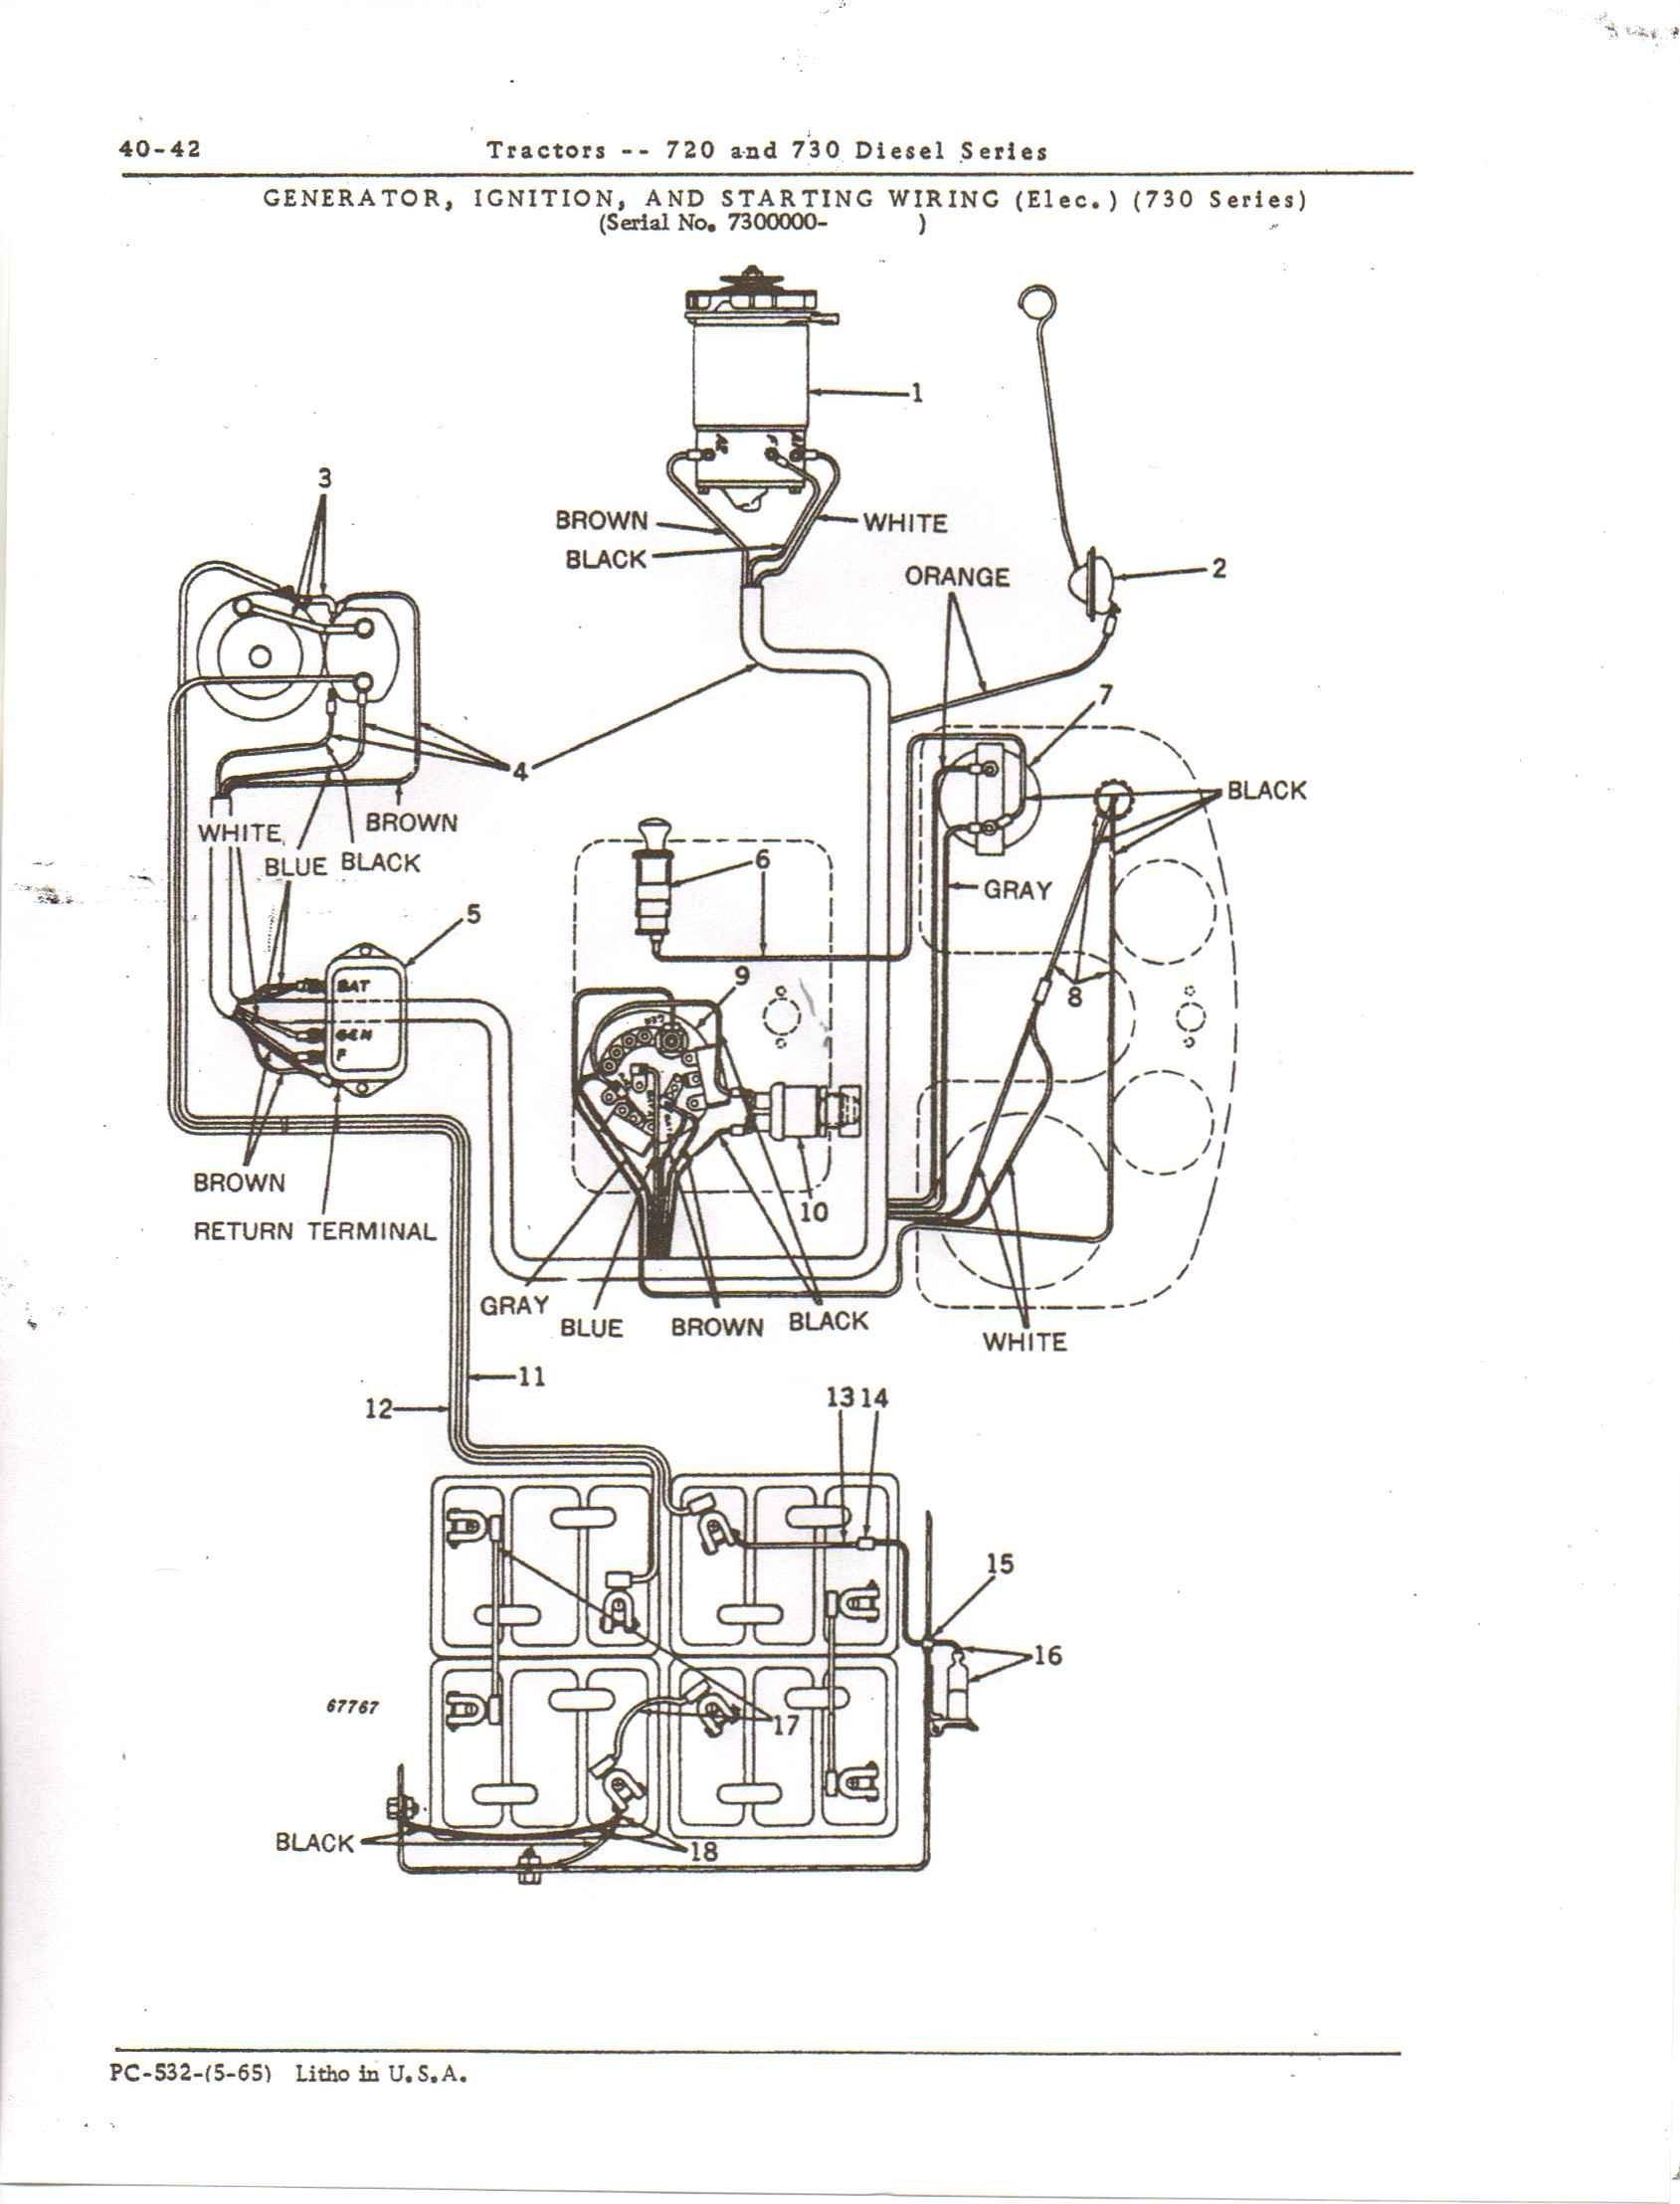 4020 Jd Wiring Diagram 4020 Lp Wiring Diagram Of 4020 Jd Wiring Diagram